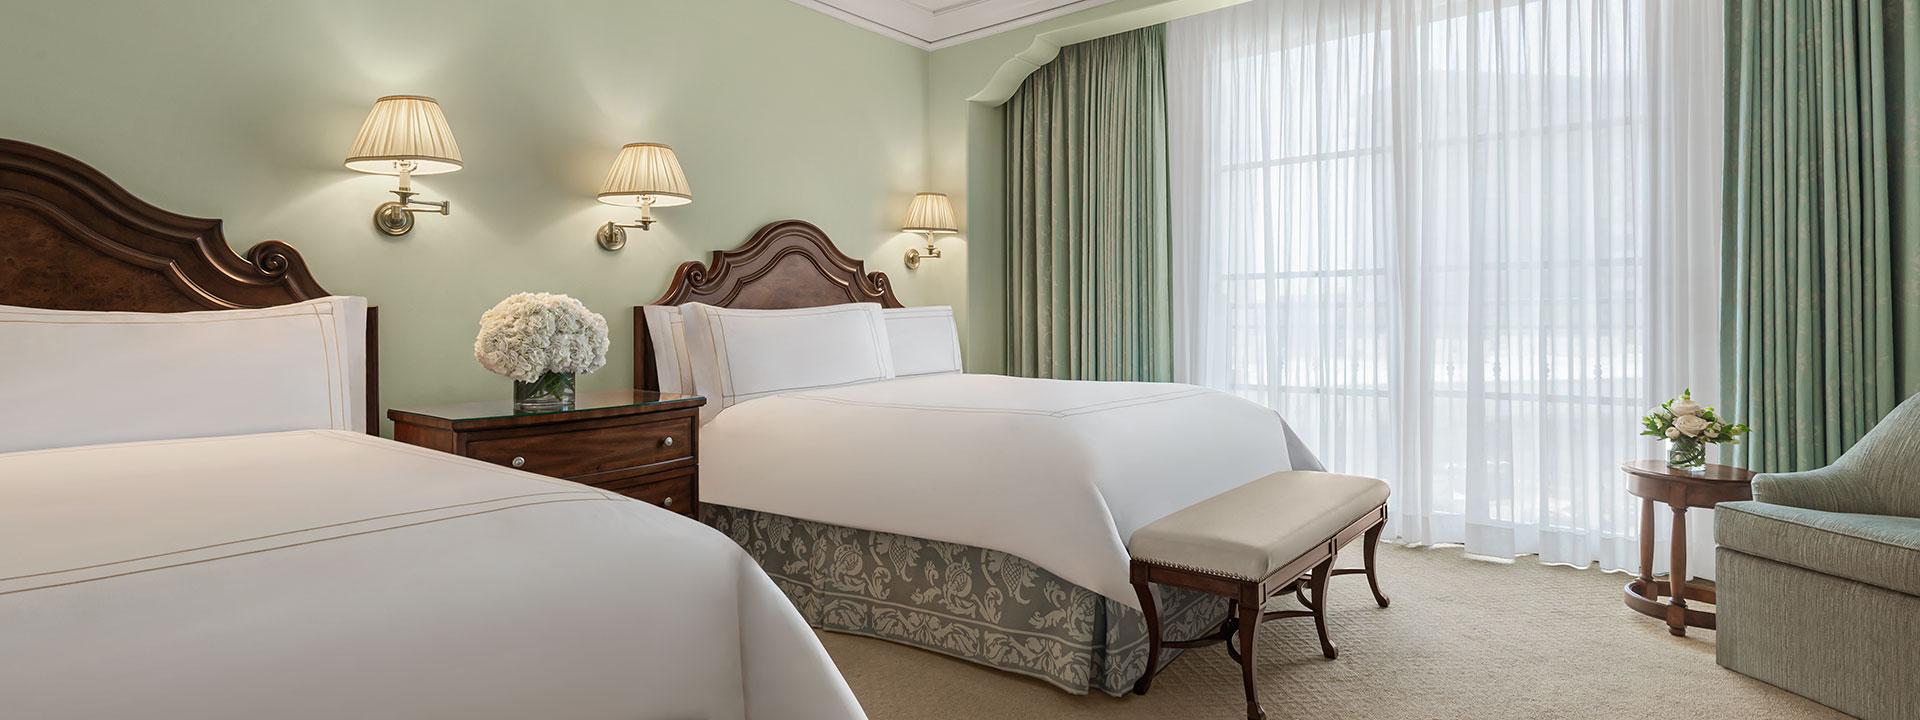 Premier Two Queen Room bedroom view